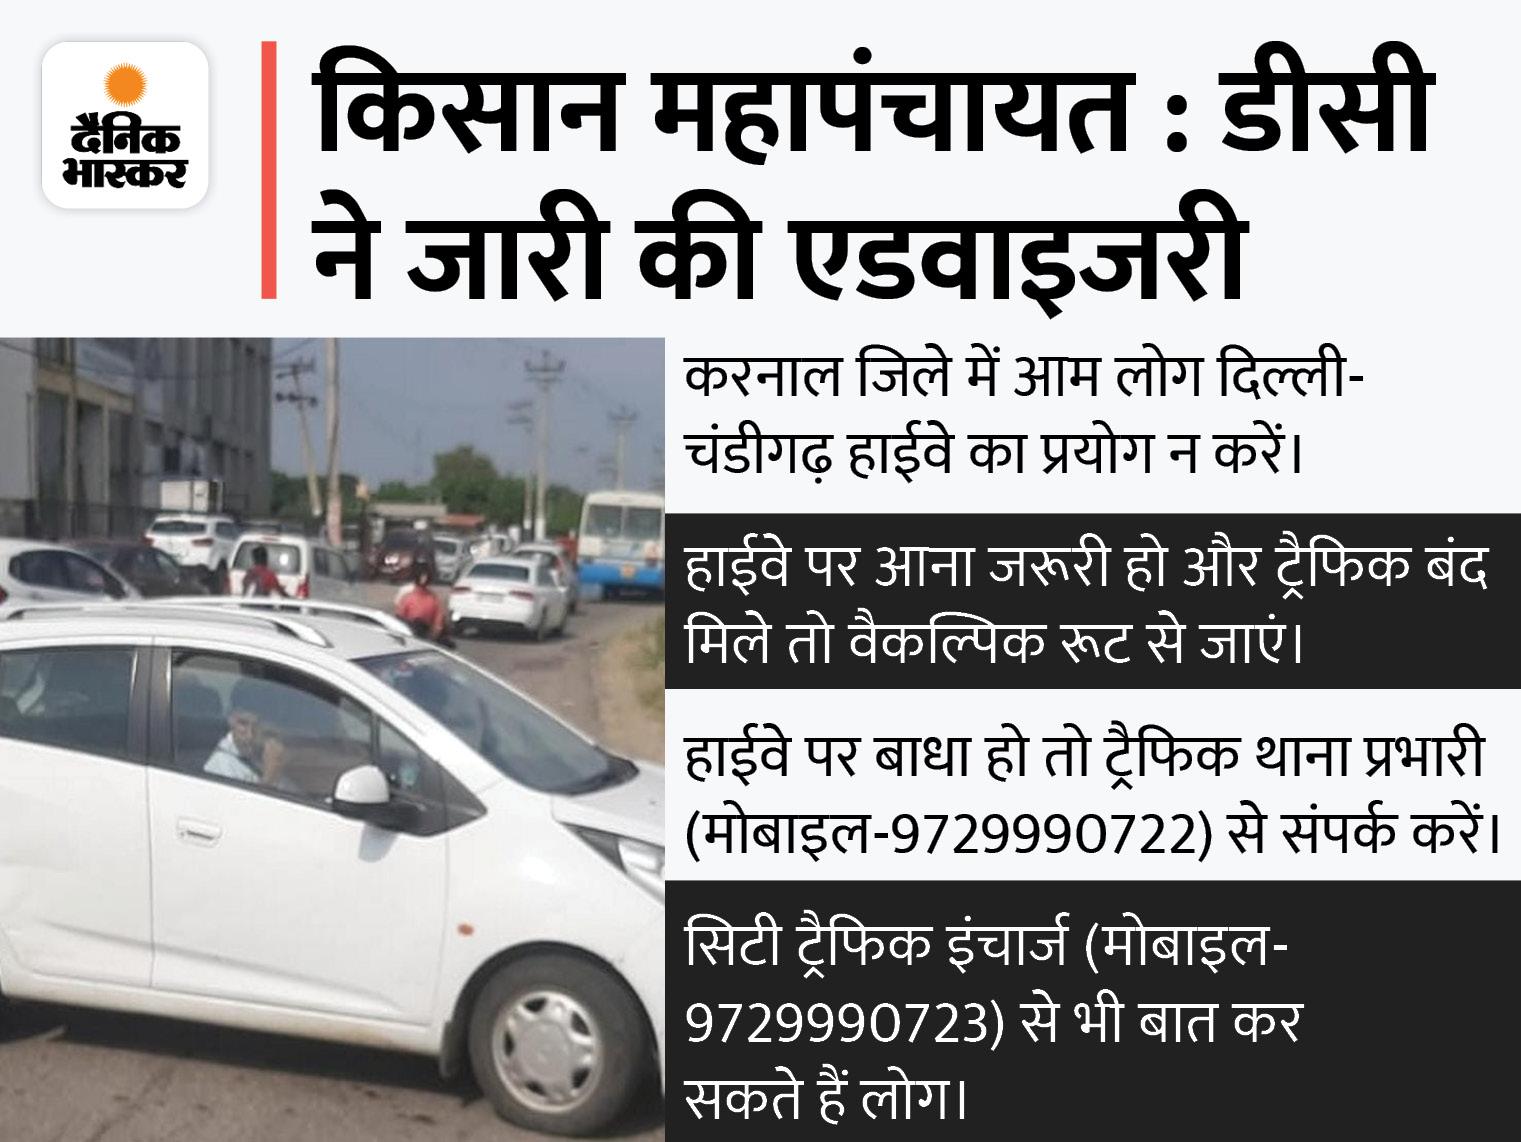 करनाल, पानीपत, कुरुक्षेत्र, कैथल और जींद में 24 घंटे के लिए सेवाएं सस्पेंड; जीटी रोड पर करनाल जिले में 'नो एंट्री', किसानों को रोकने के लिए सुरक्षाबलों की 40 कंपनियां तैनात|करनाल,Karnal - Dainik Bhaskar